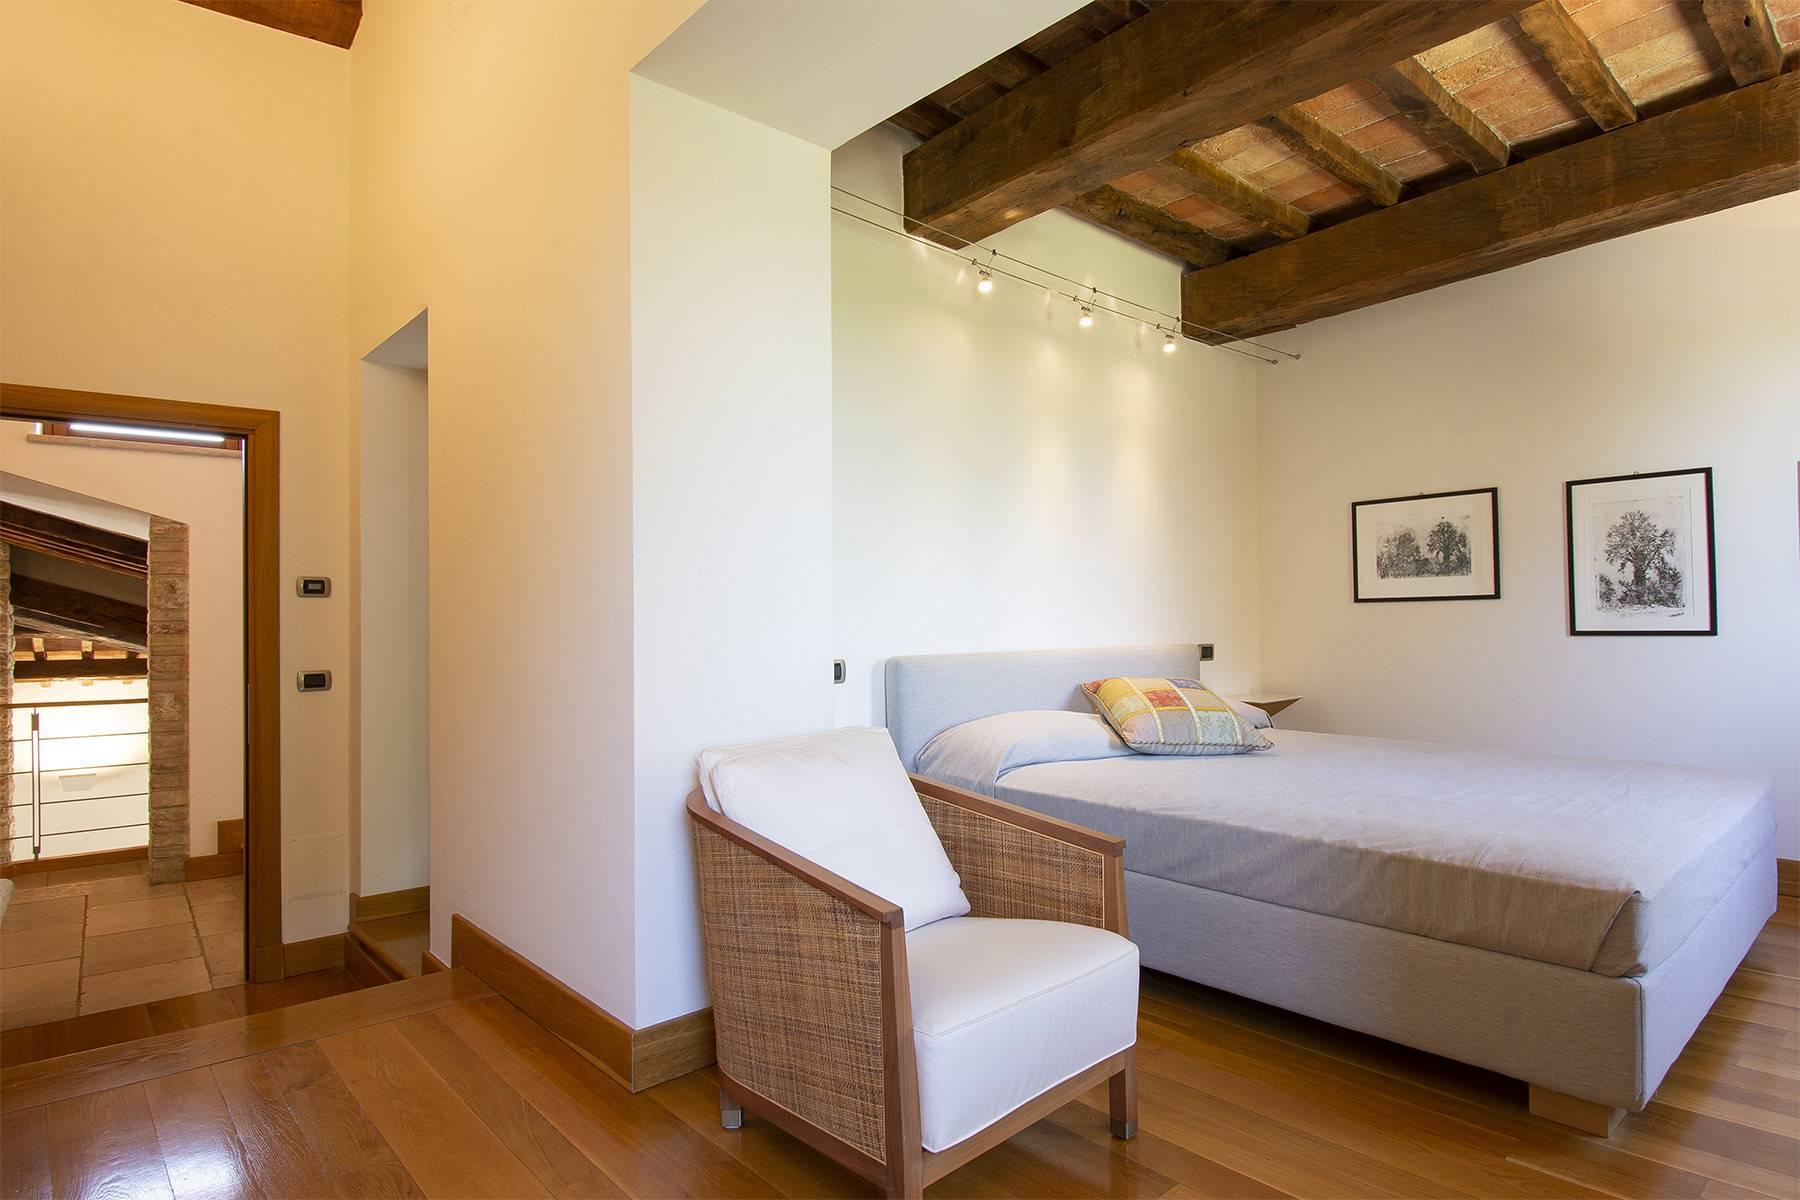 Meraviglioso casale con finiture di lusso a Todi - 19